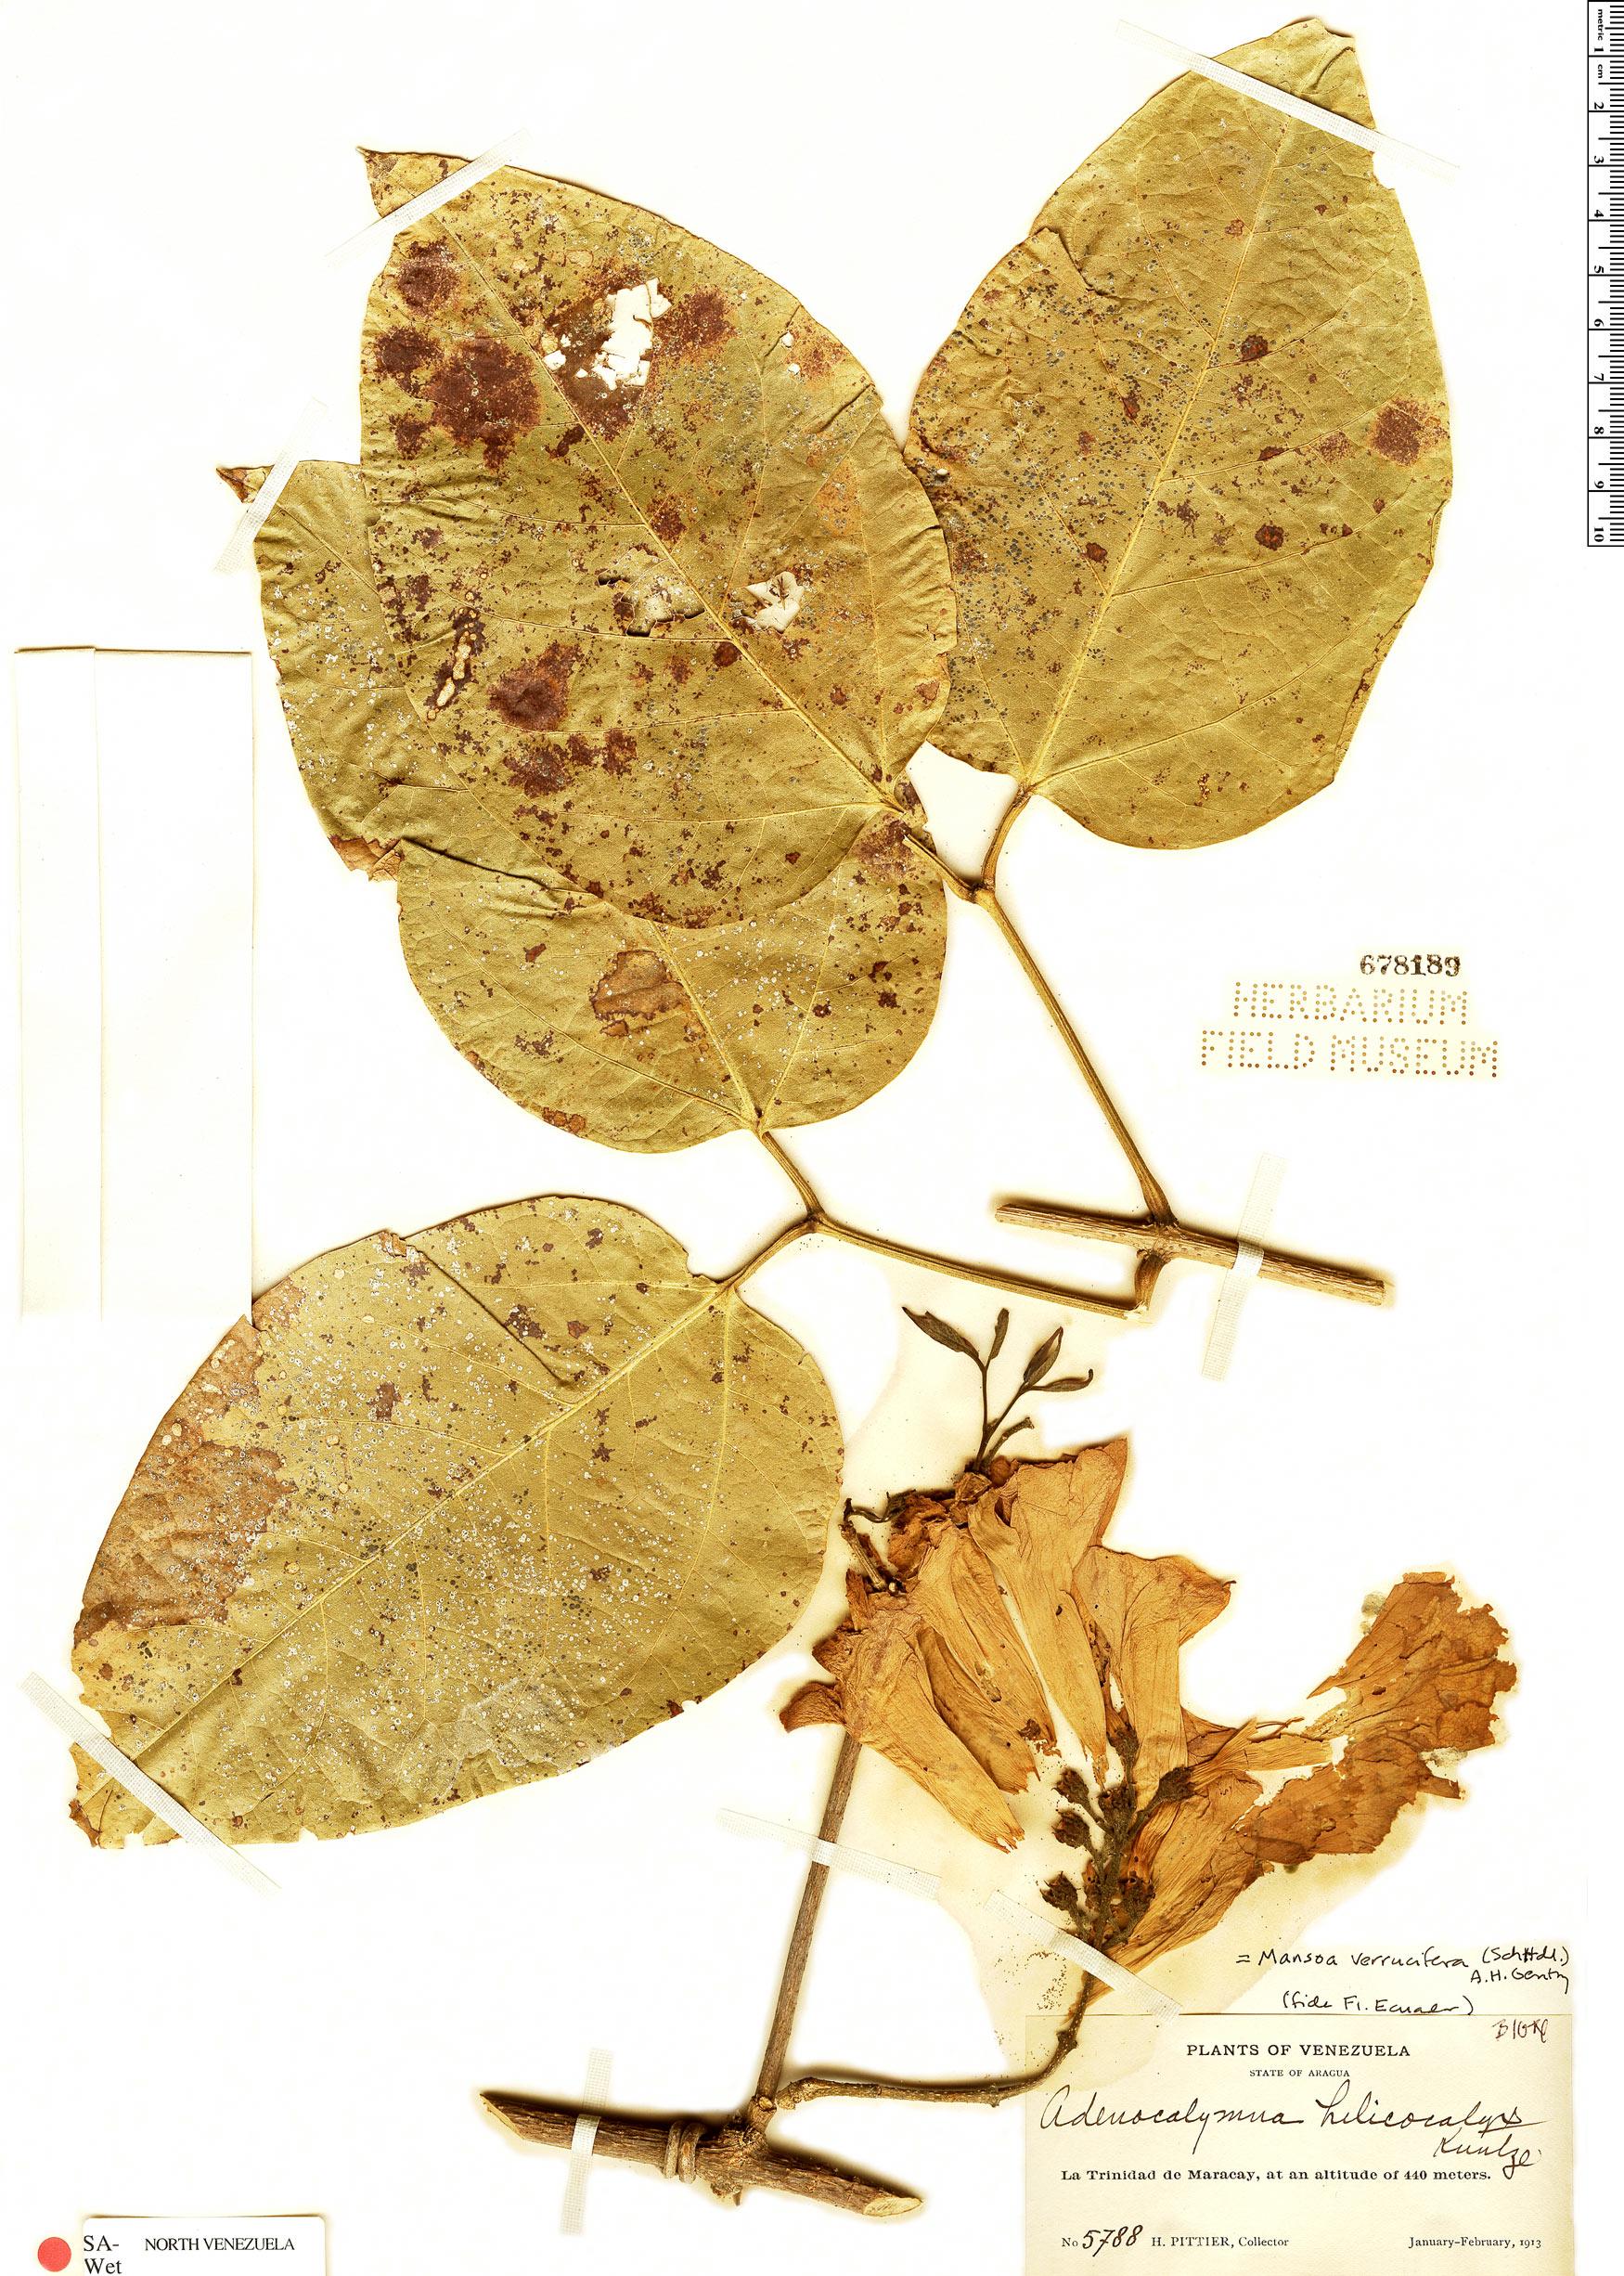 Specimen: Mansoa verrucifera